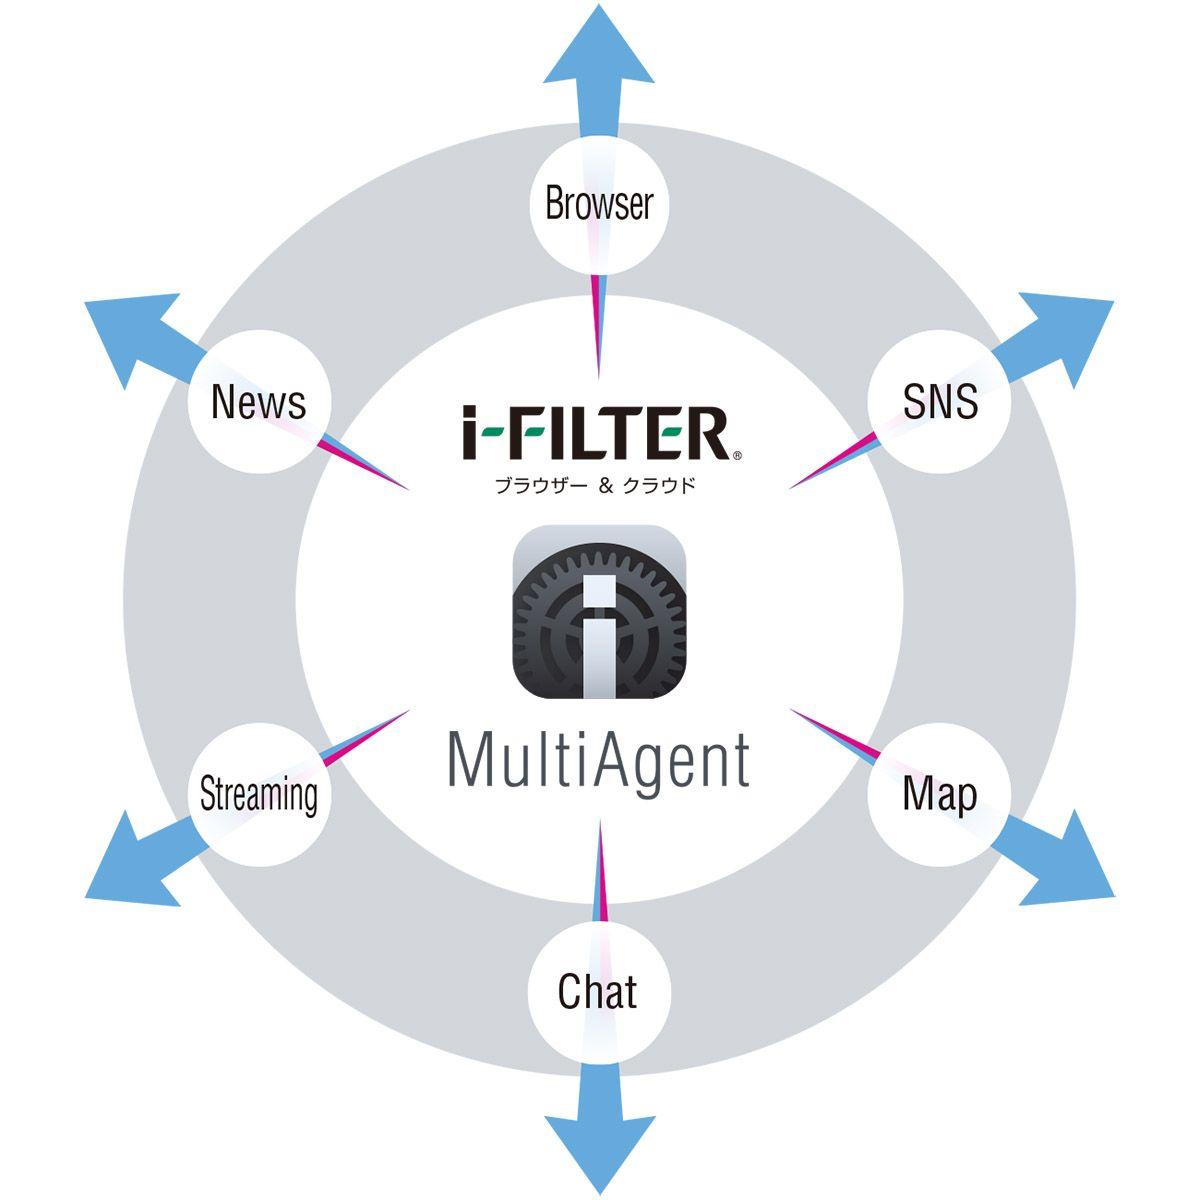 iOSで動作する通信を一括でフィルタリングできるサービス